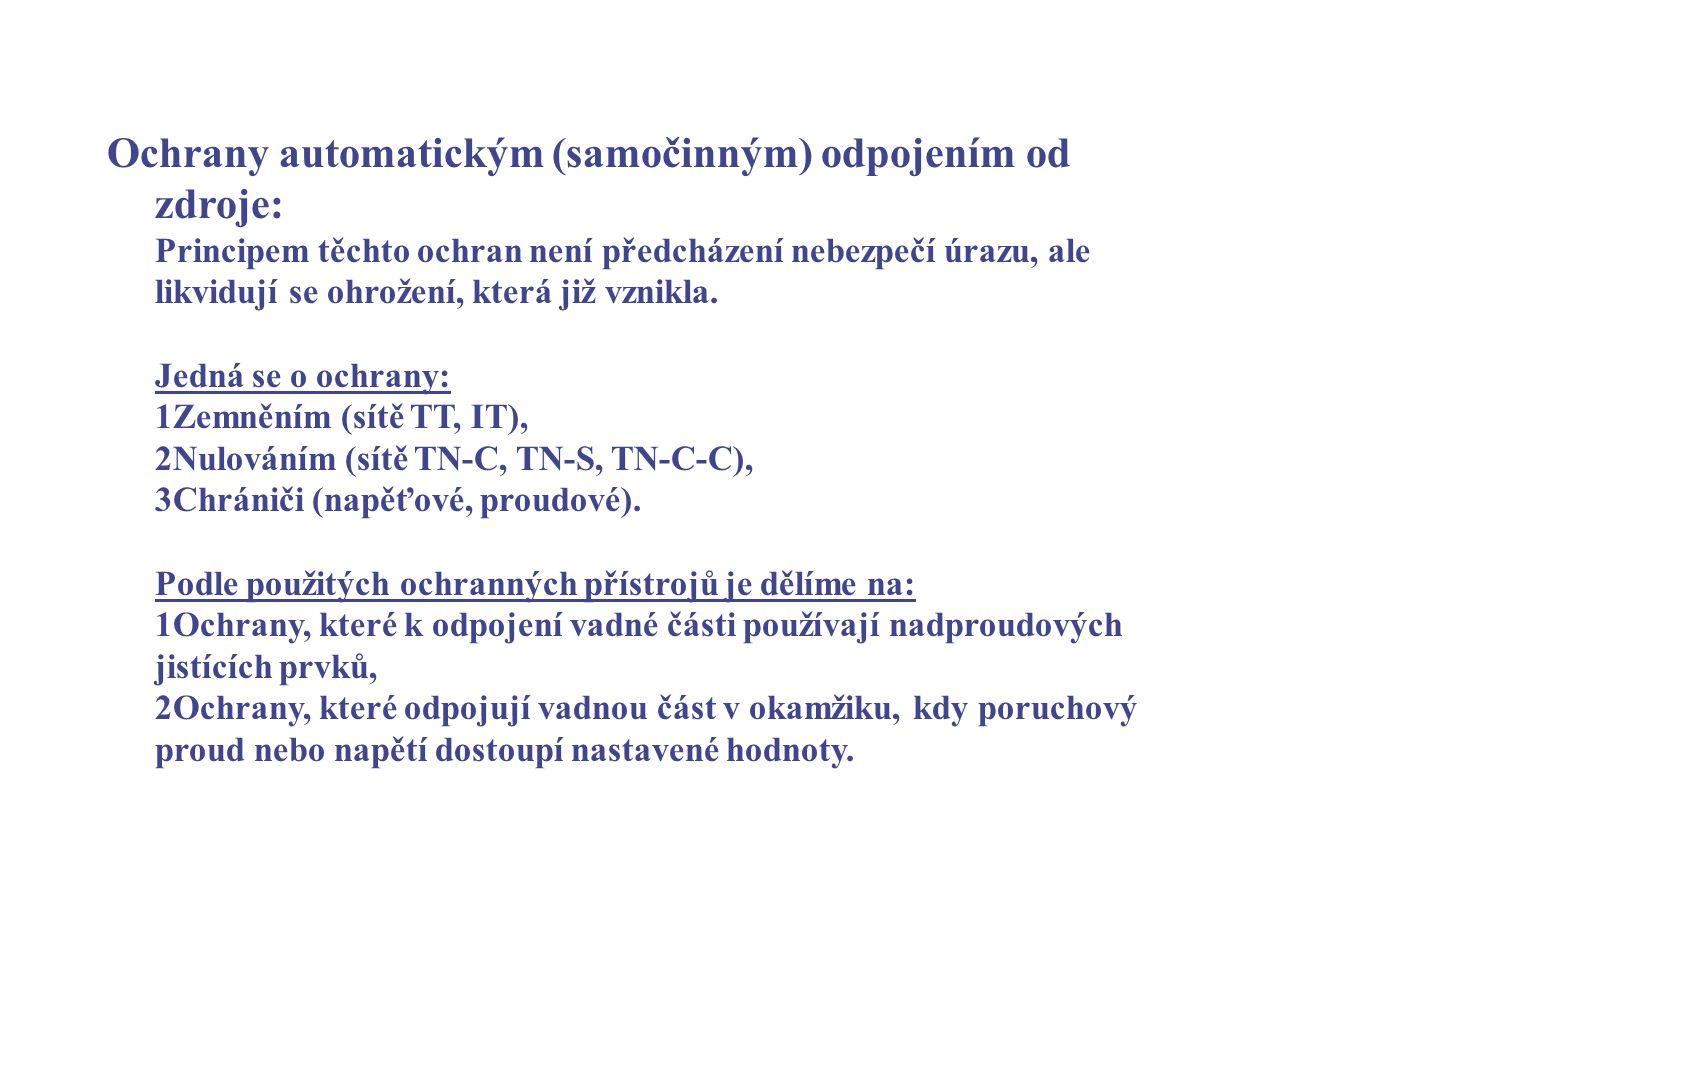 Ochrany automatickým (samočinným) odpojením od zdroje: